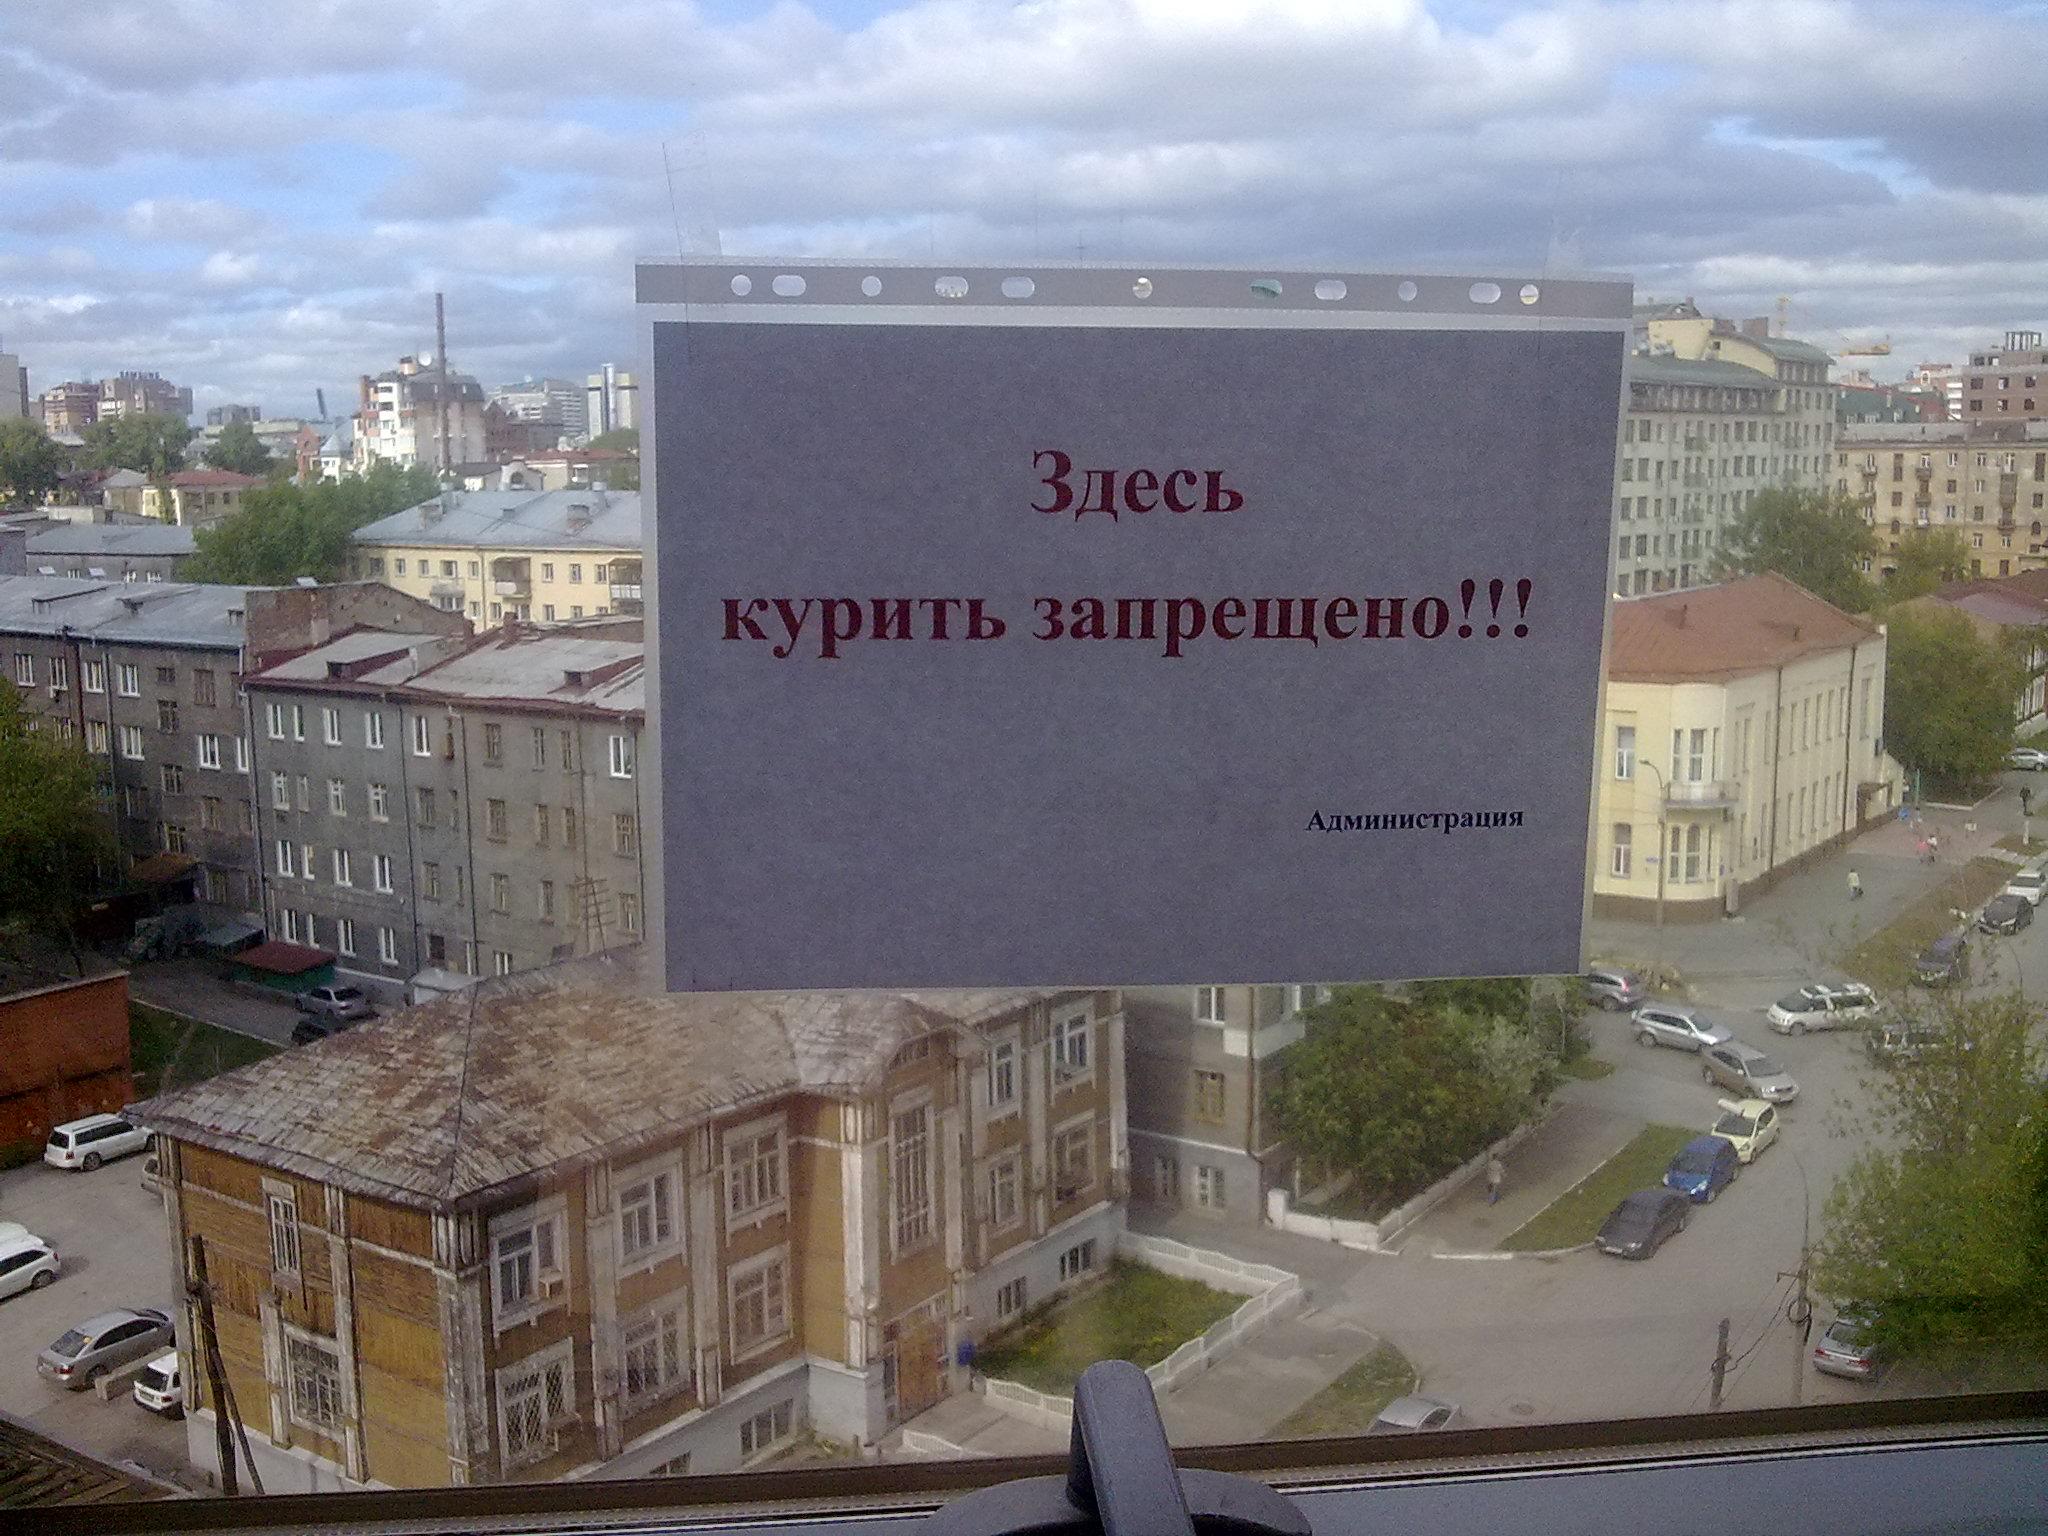 Здесь курить запрещено !!!